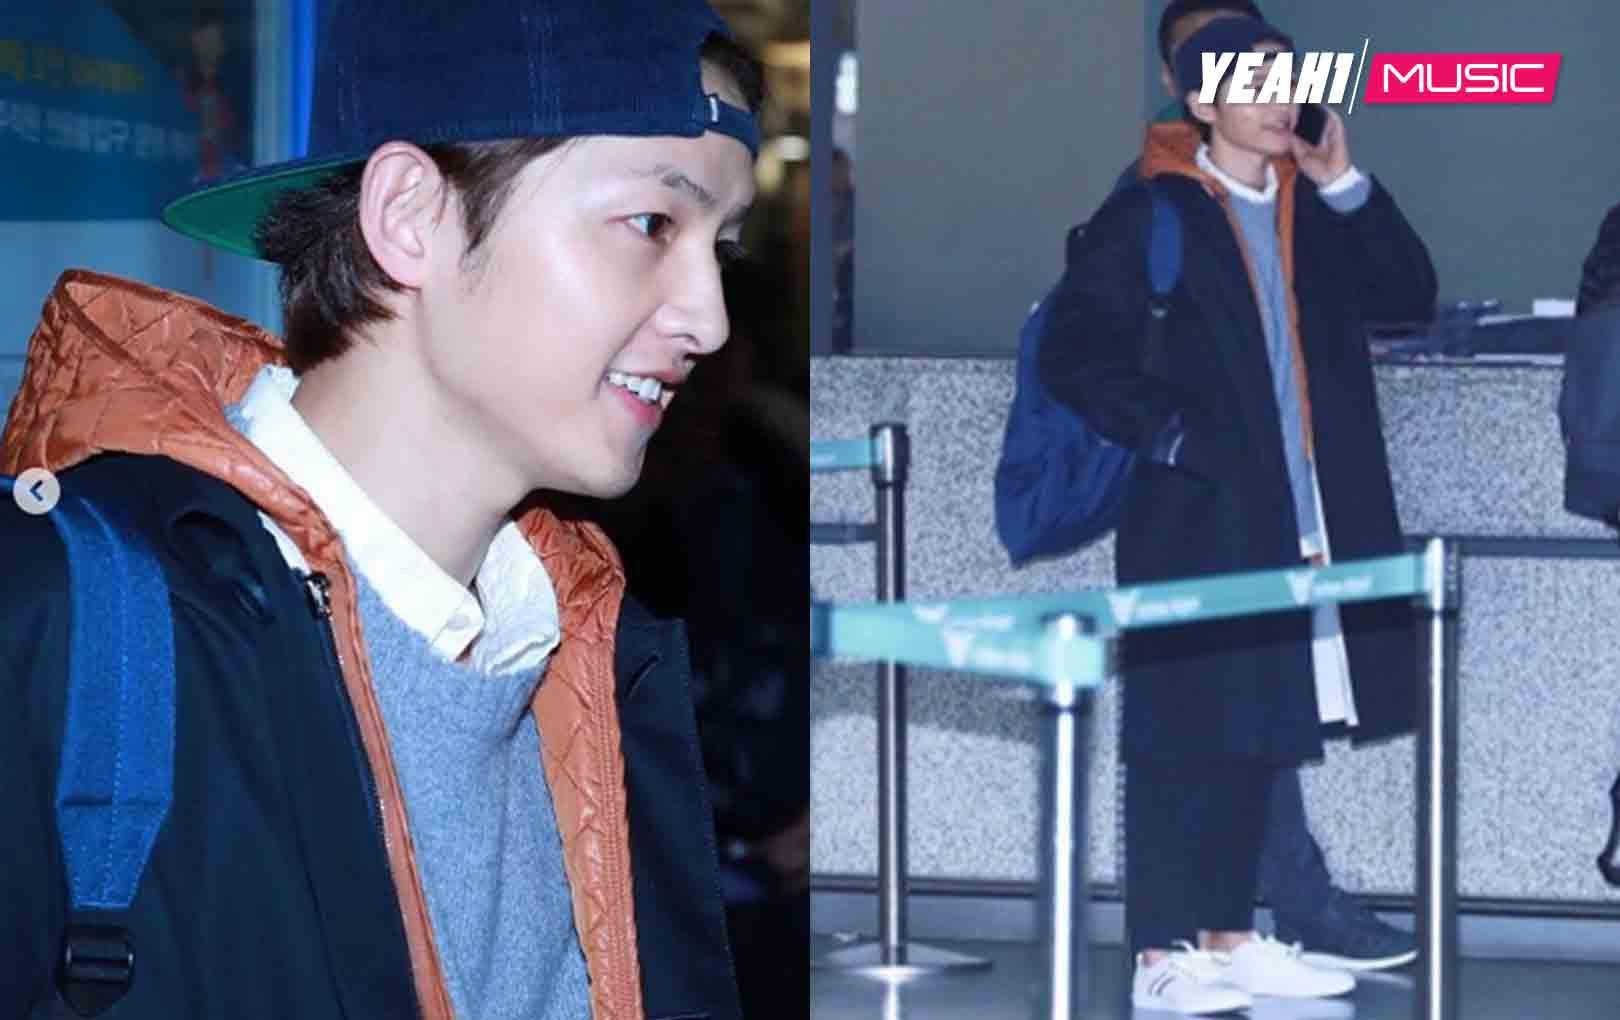 Đúng ngày đặc biệt của 2 vợ chồng, Song Joong Ki bay đi nước ngoài, thái độ nói lên tất cả